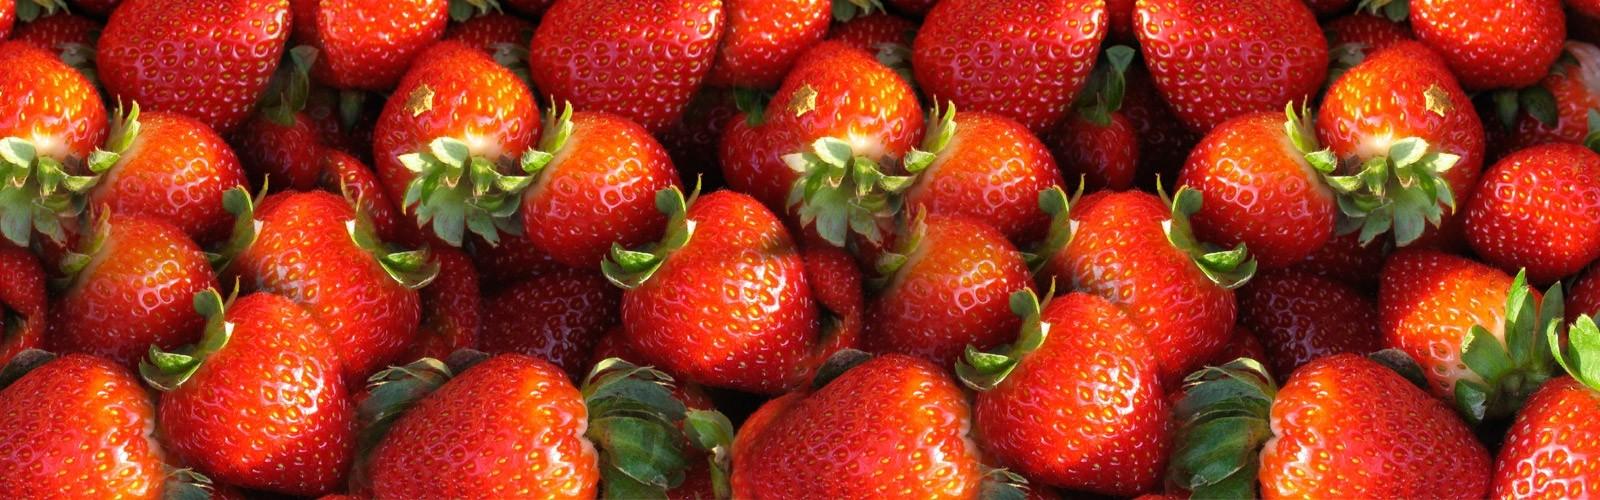 delivery-de-frutas-a-empresas-nobrefrutas-banner3